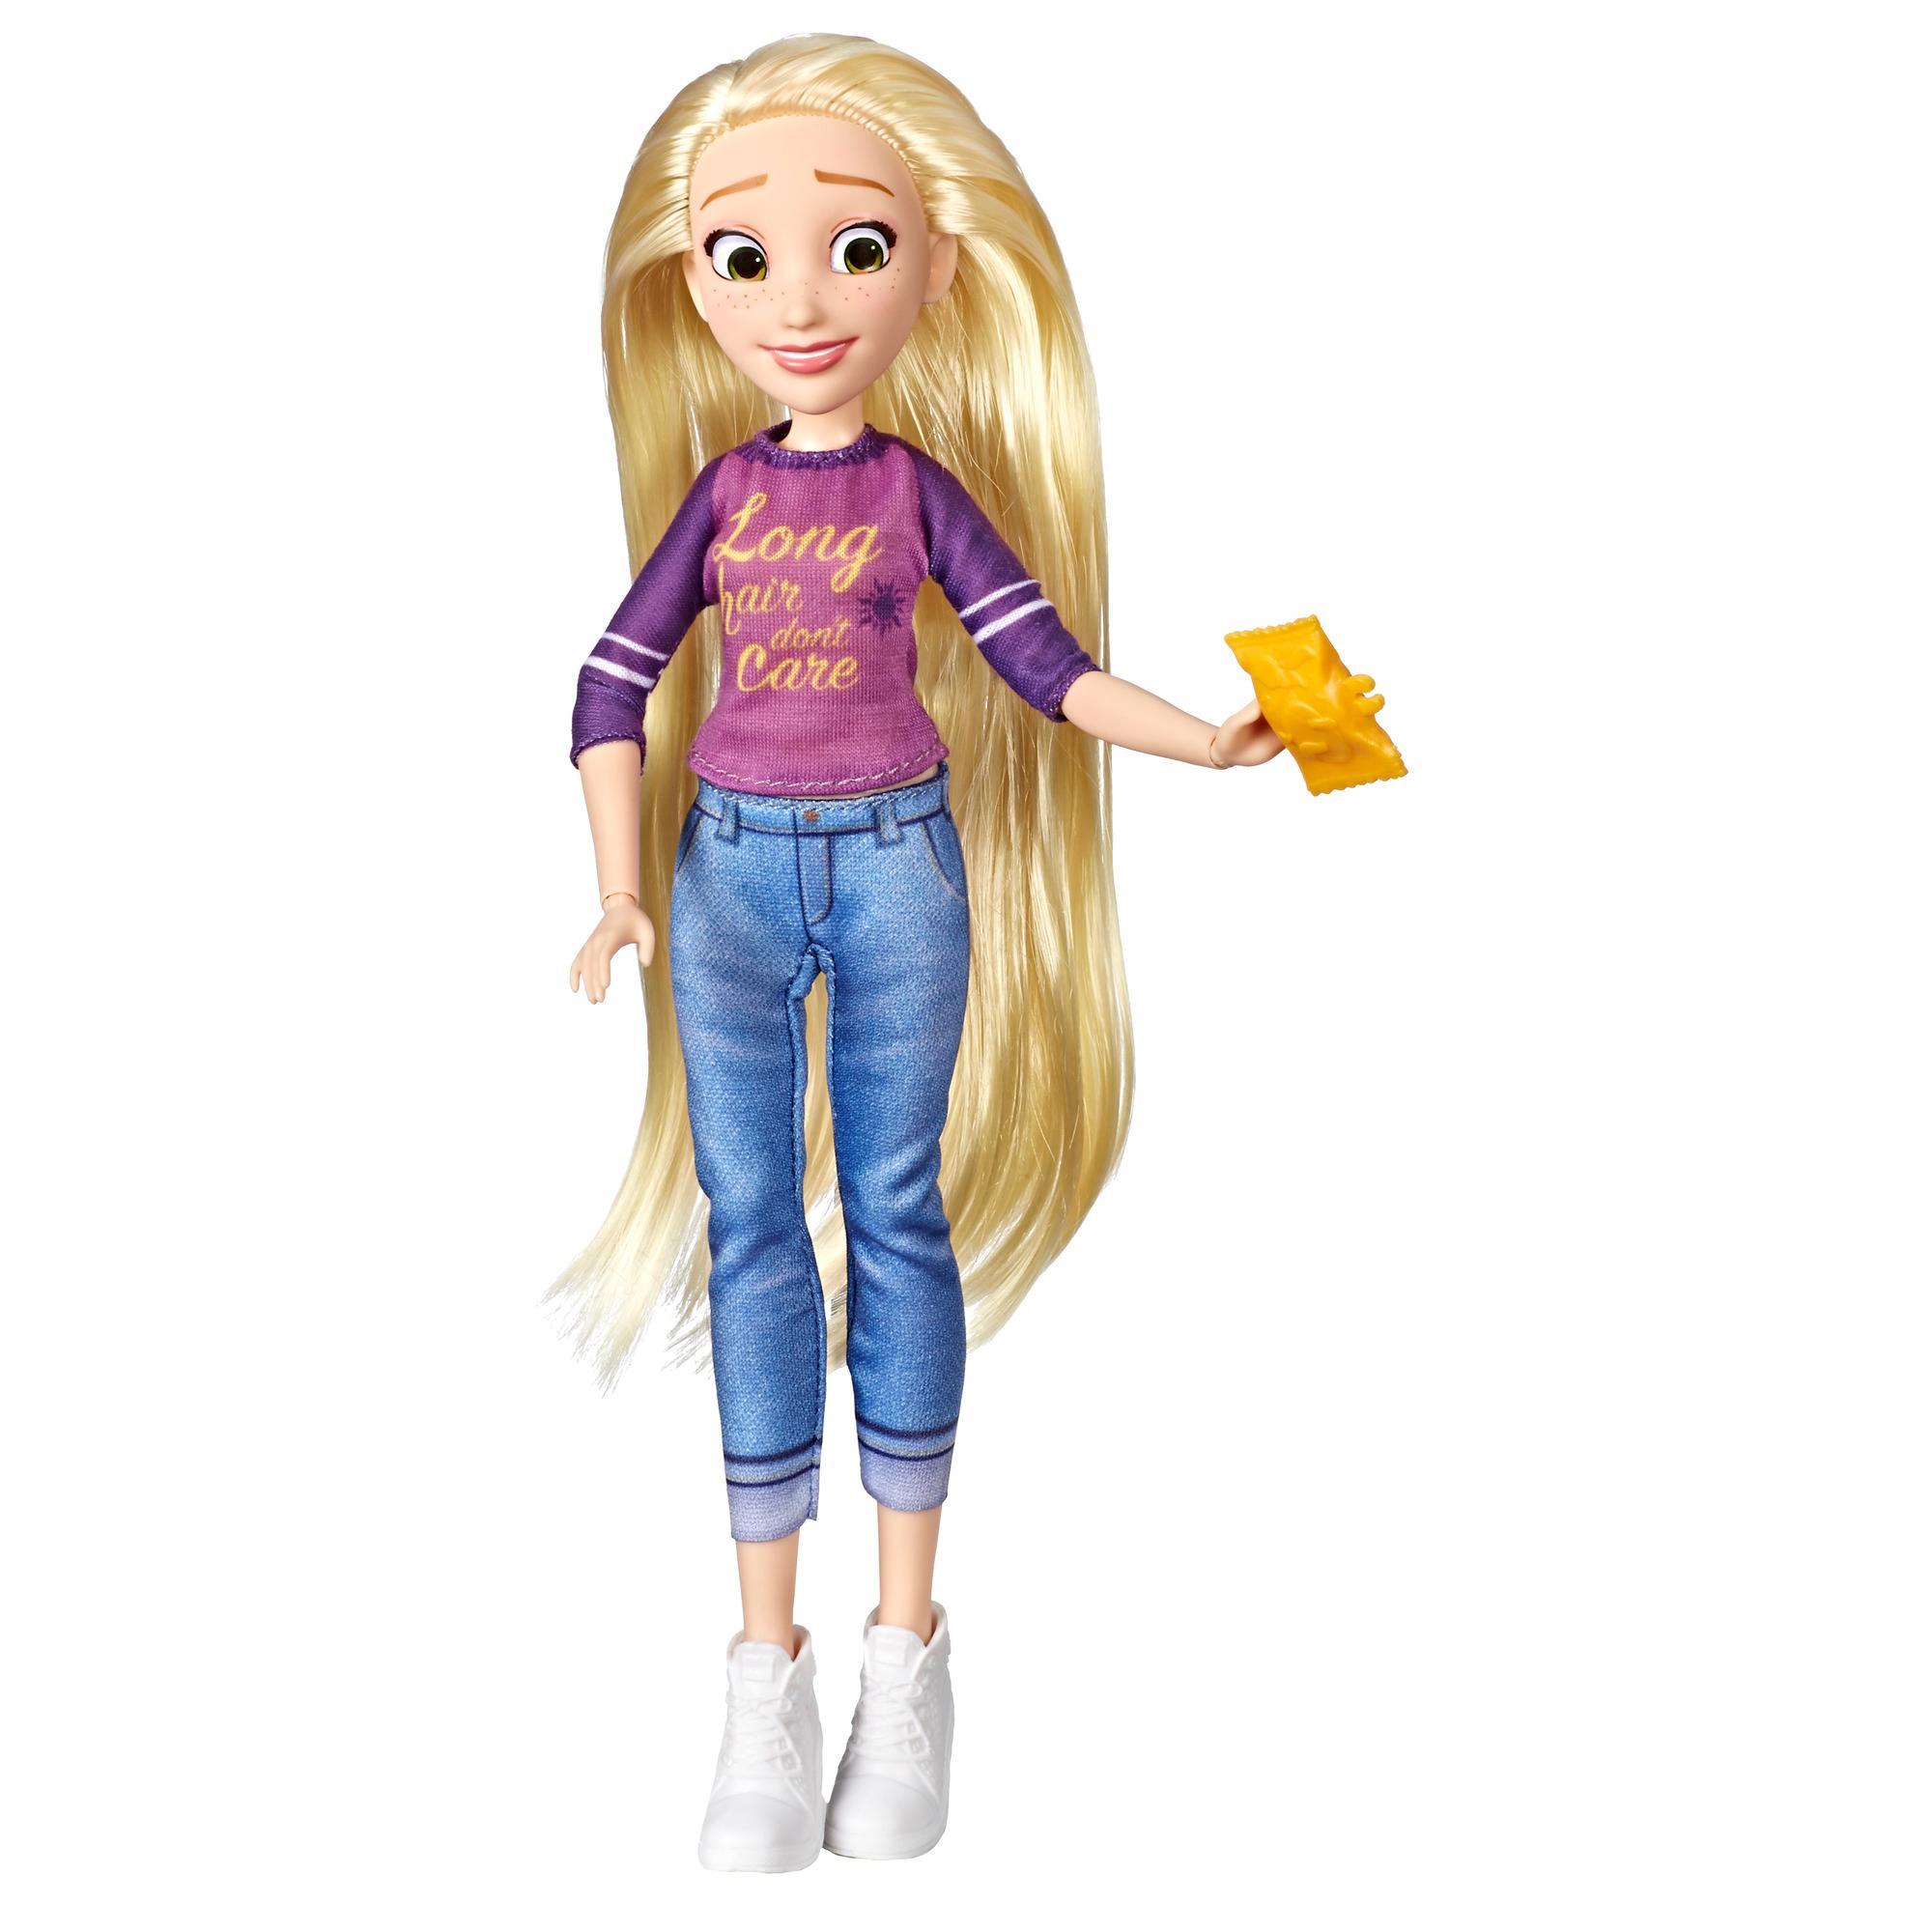 Disney Princess Comfy Squad - Muñeca de Rapunzel con ropa casual y accesorios inspirada en la película Wifi Ralph